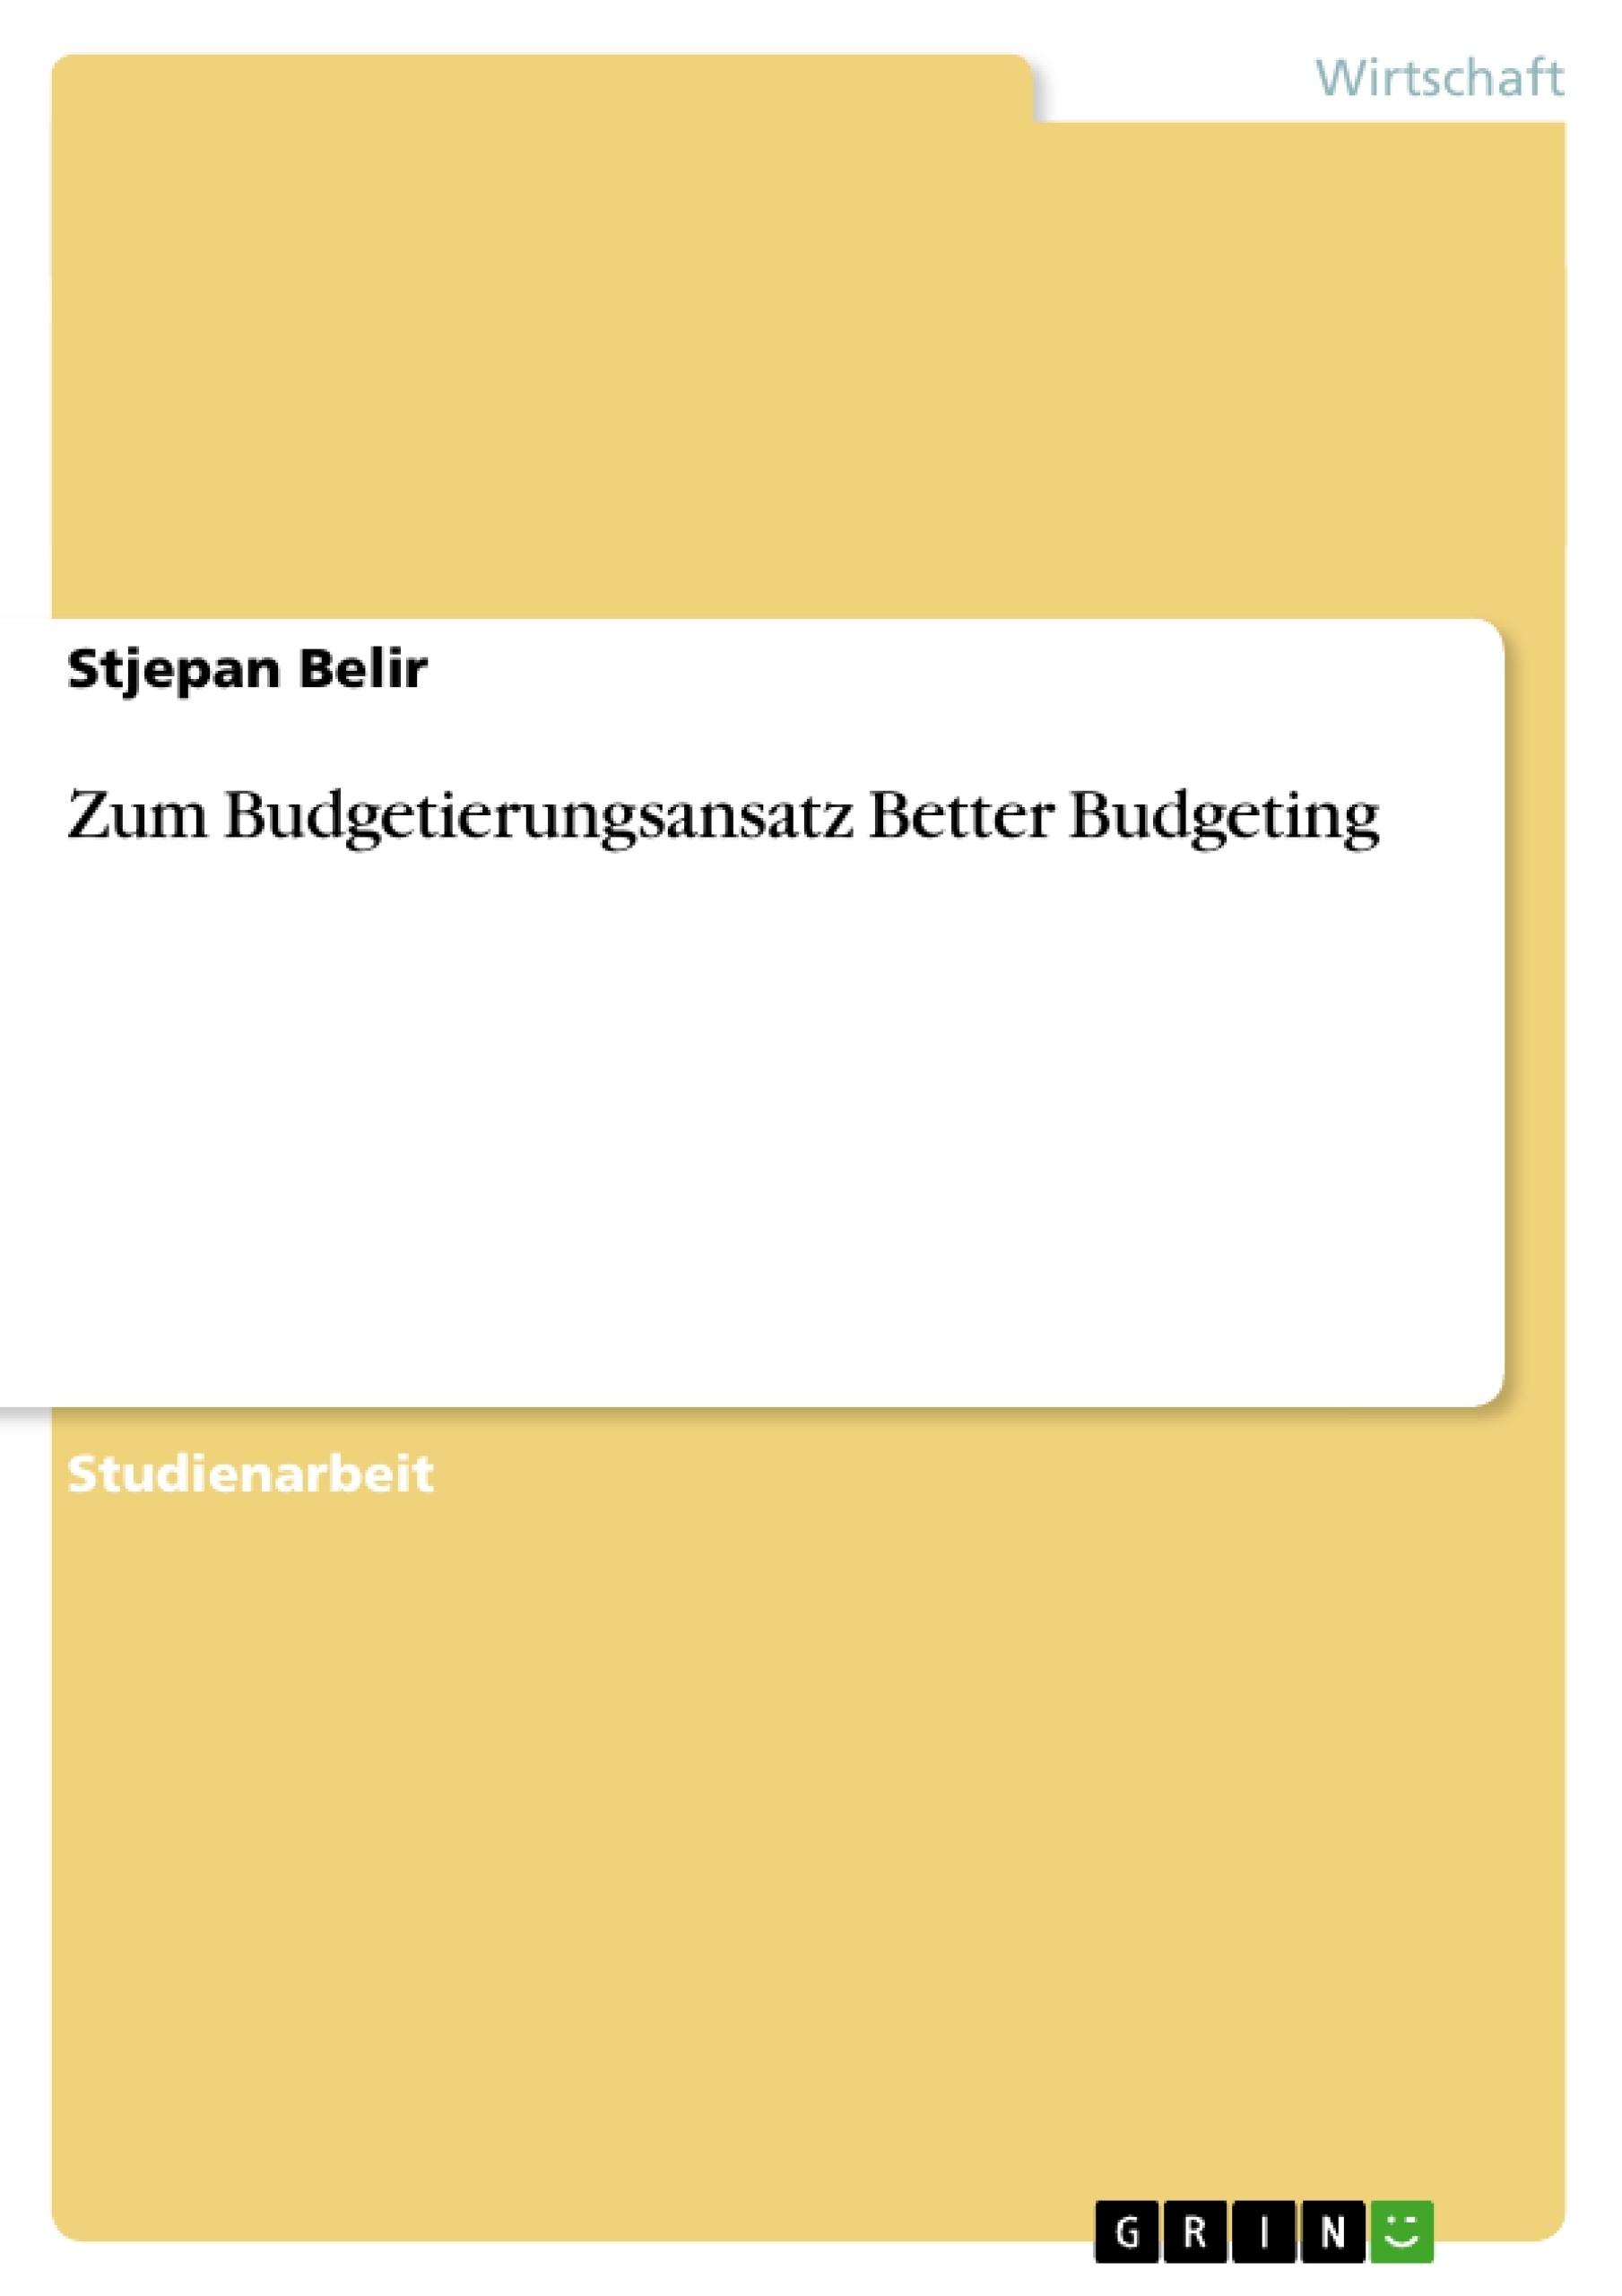 Titel: Zum Budgetierungsansatz Better Budgeting